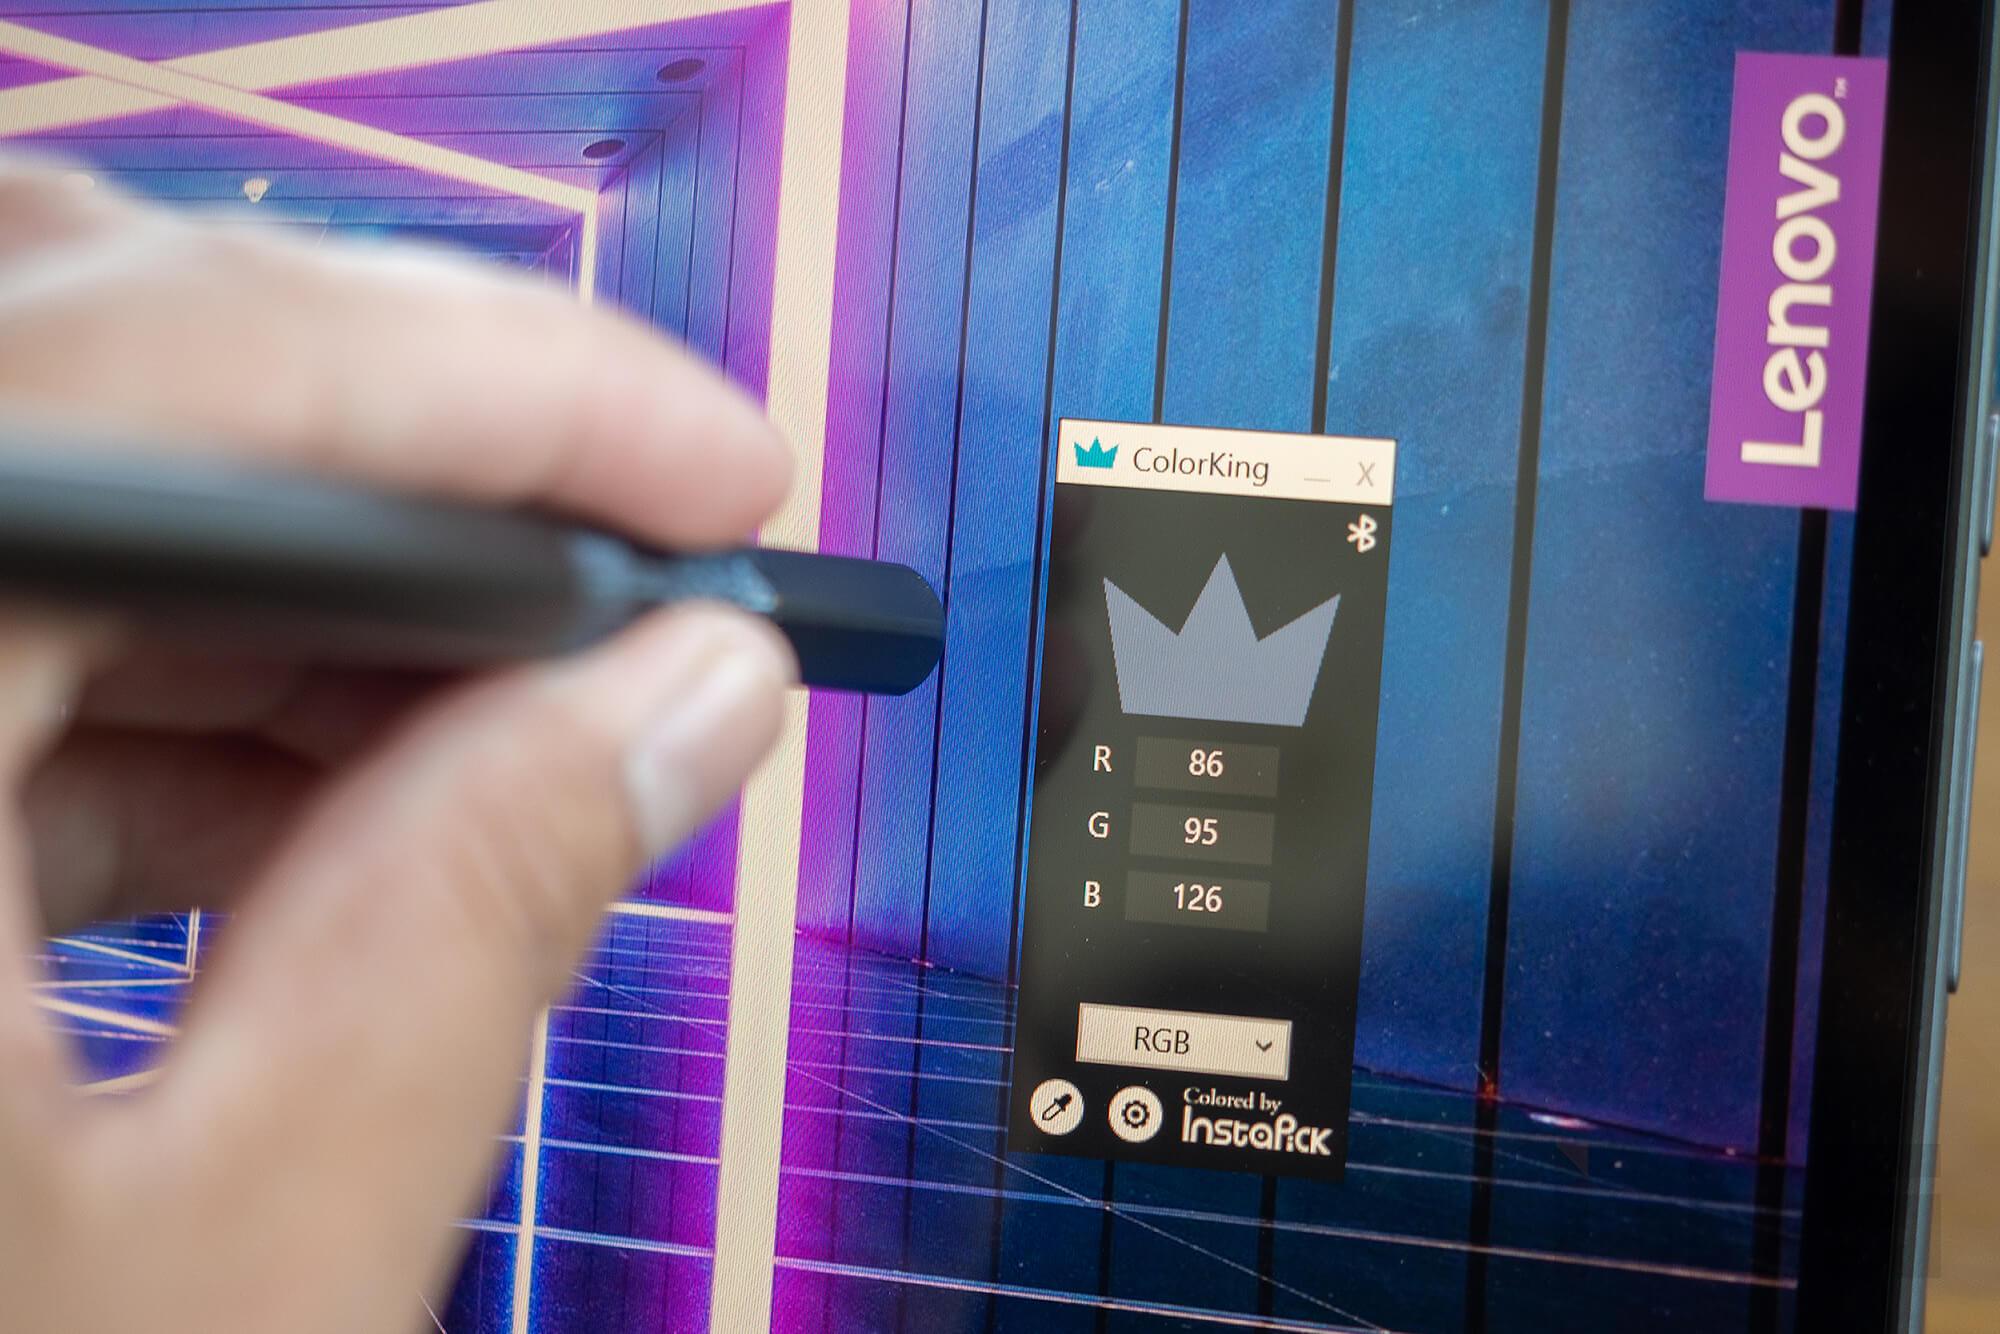 Review Lenovo YOGA Duet 7i NotebookSPEC 30